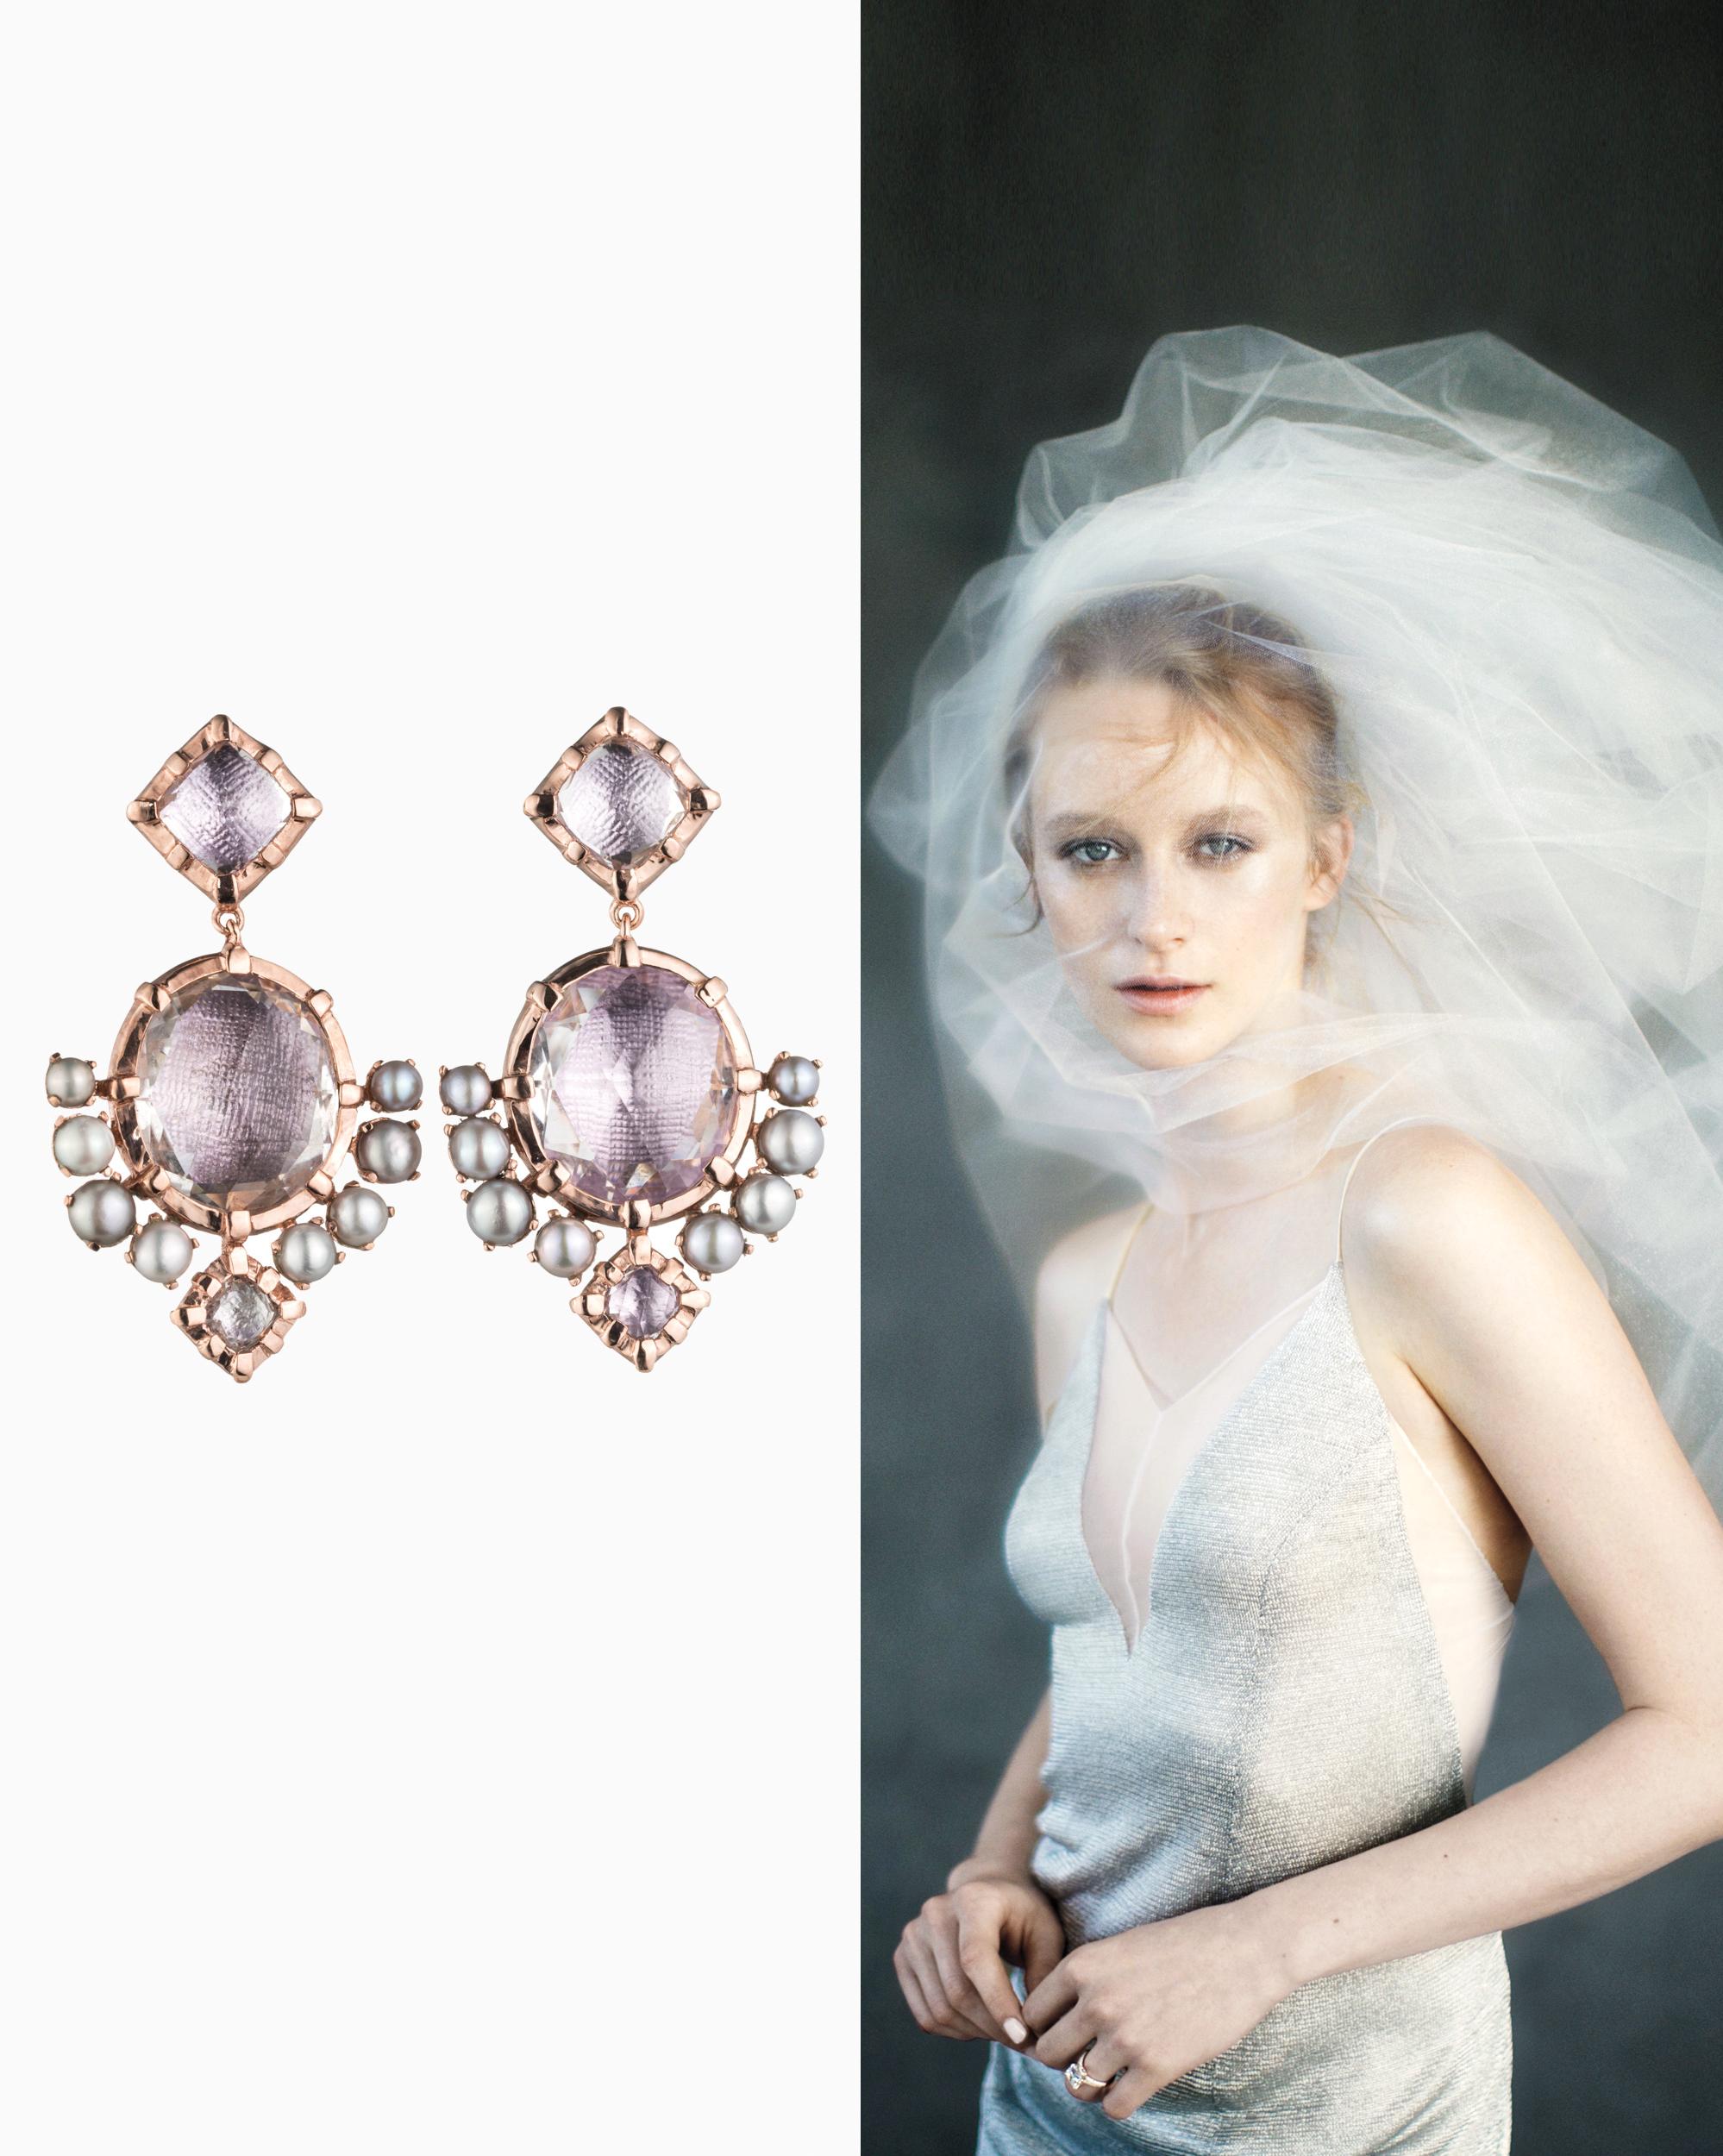 veil-earring-pairs-elbow-veil-larkspur-hawk-1115.jpg